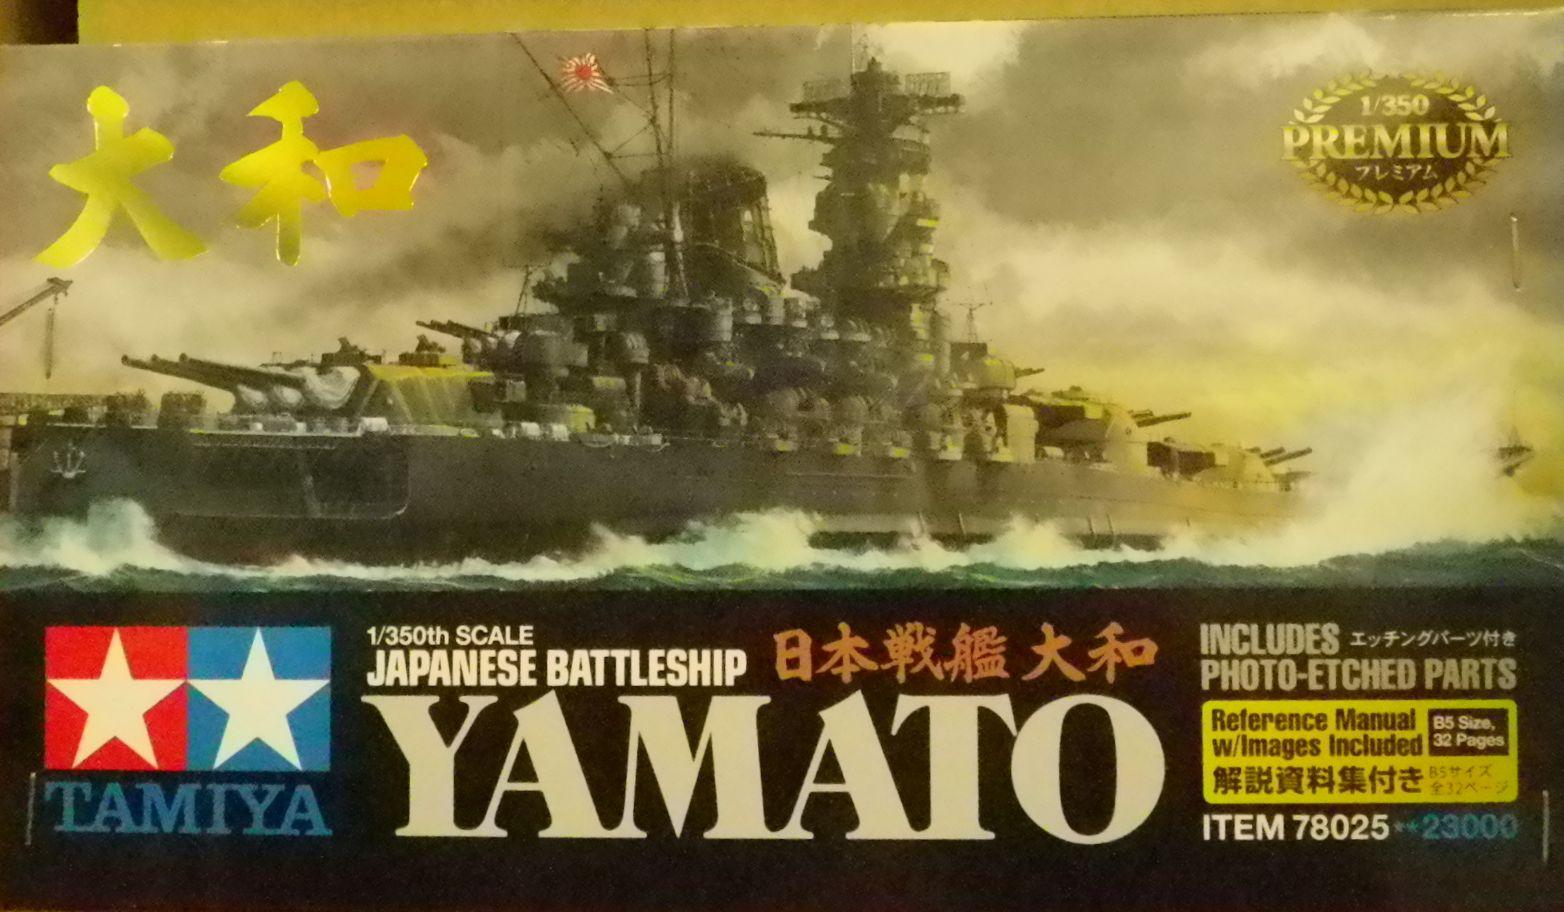 日本 戦艦大和 1/350 プレミアム エッチングパーツ付 タミヤ 78025